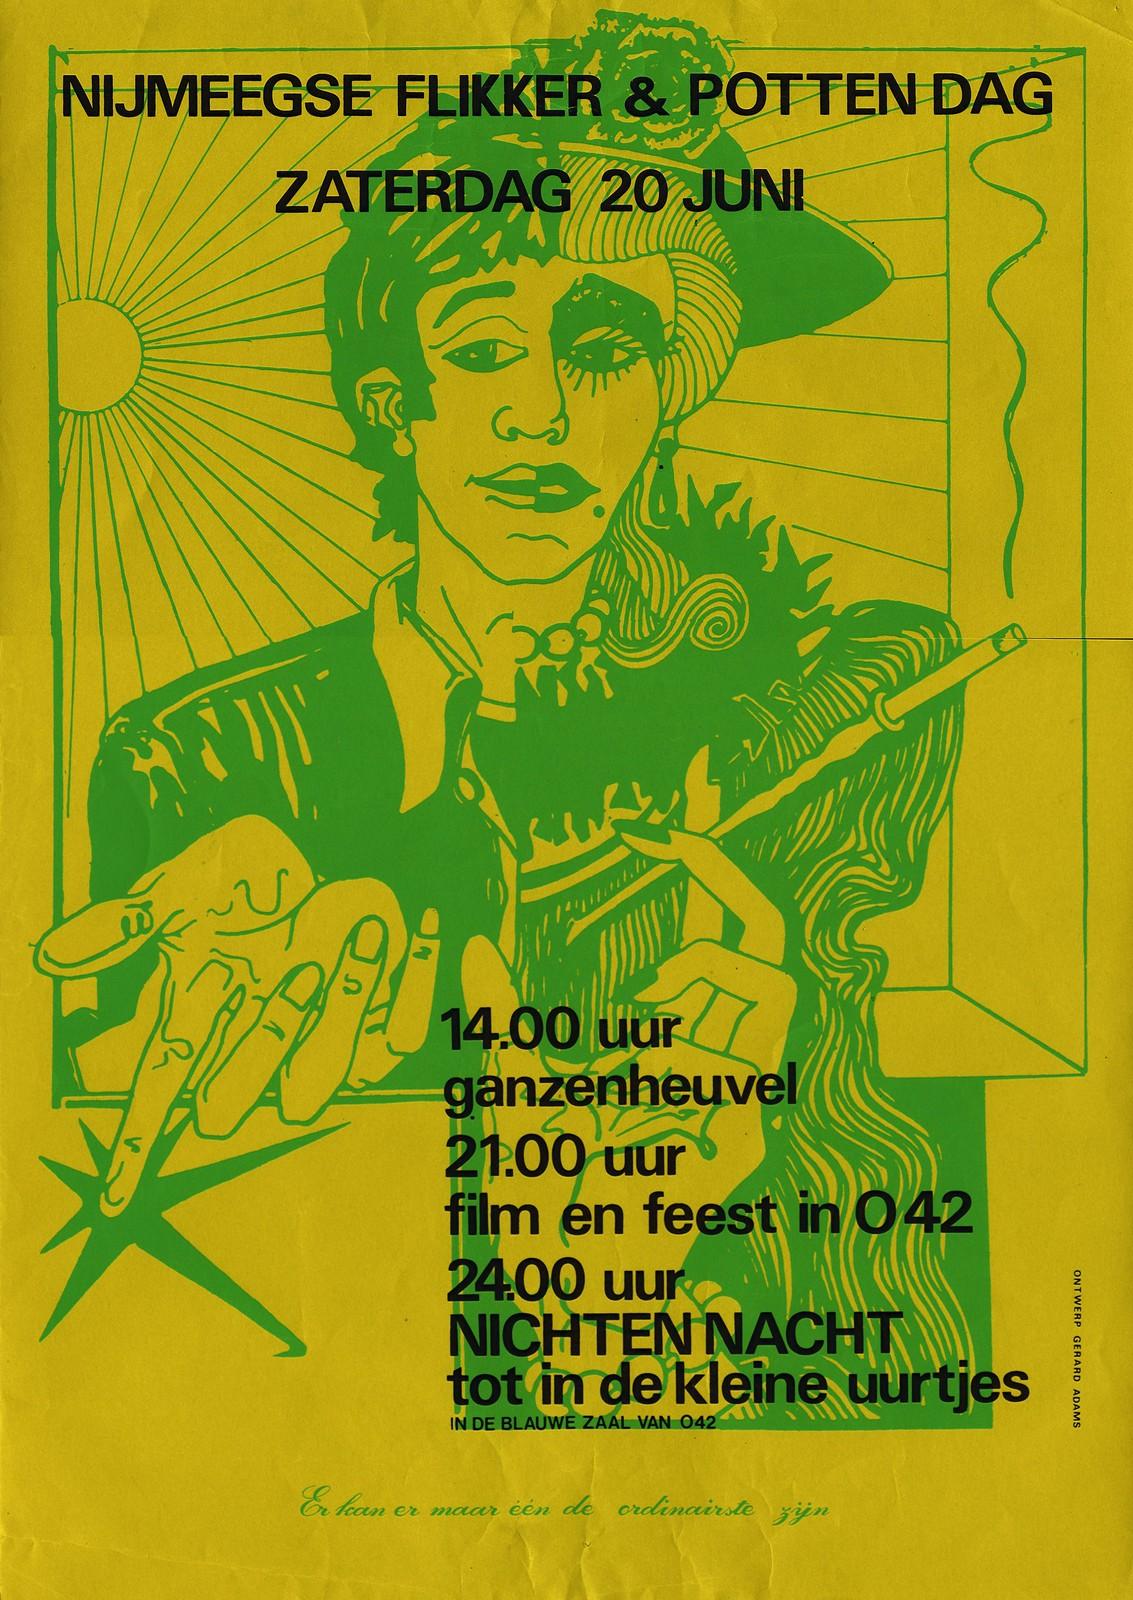 1981 Nijmeegse flikker- en pottendag